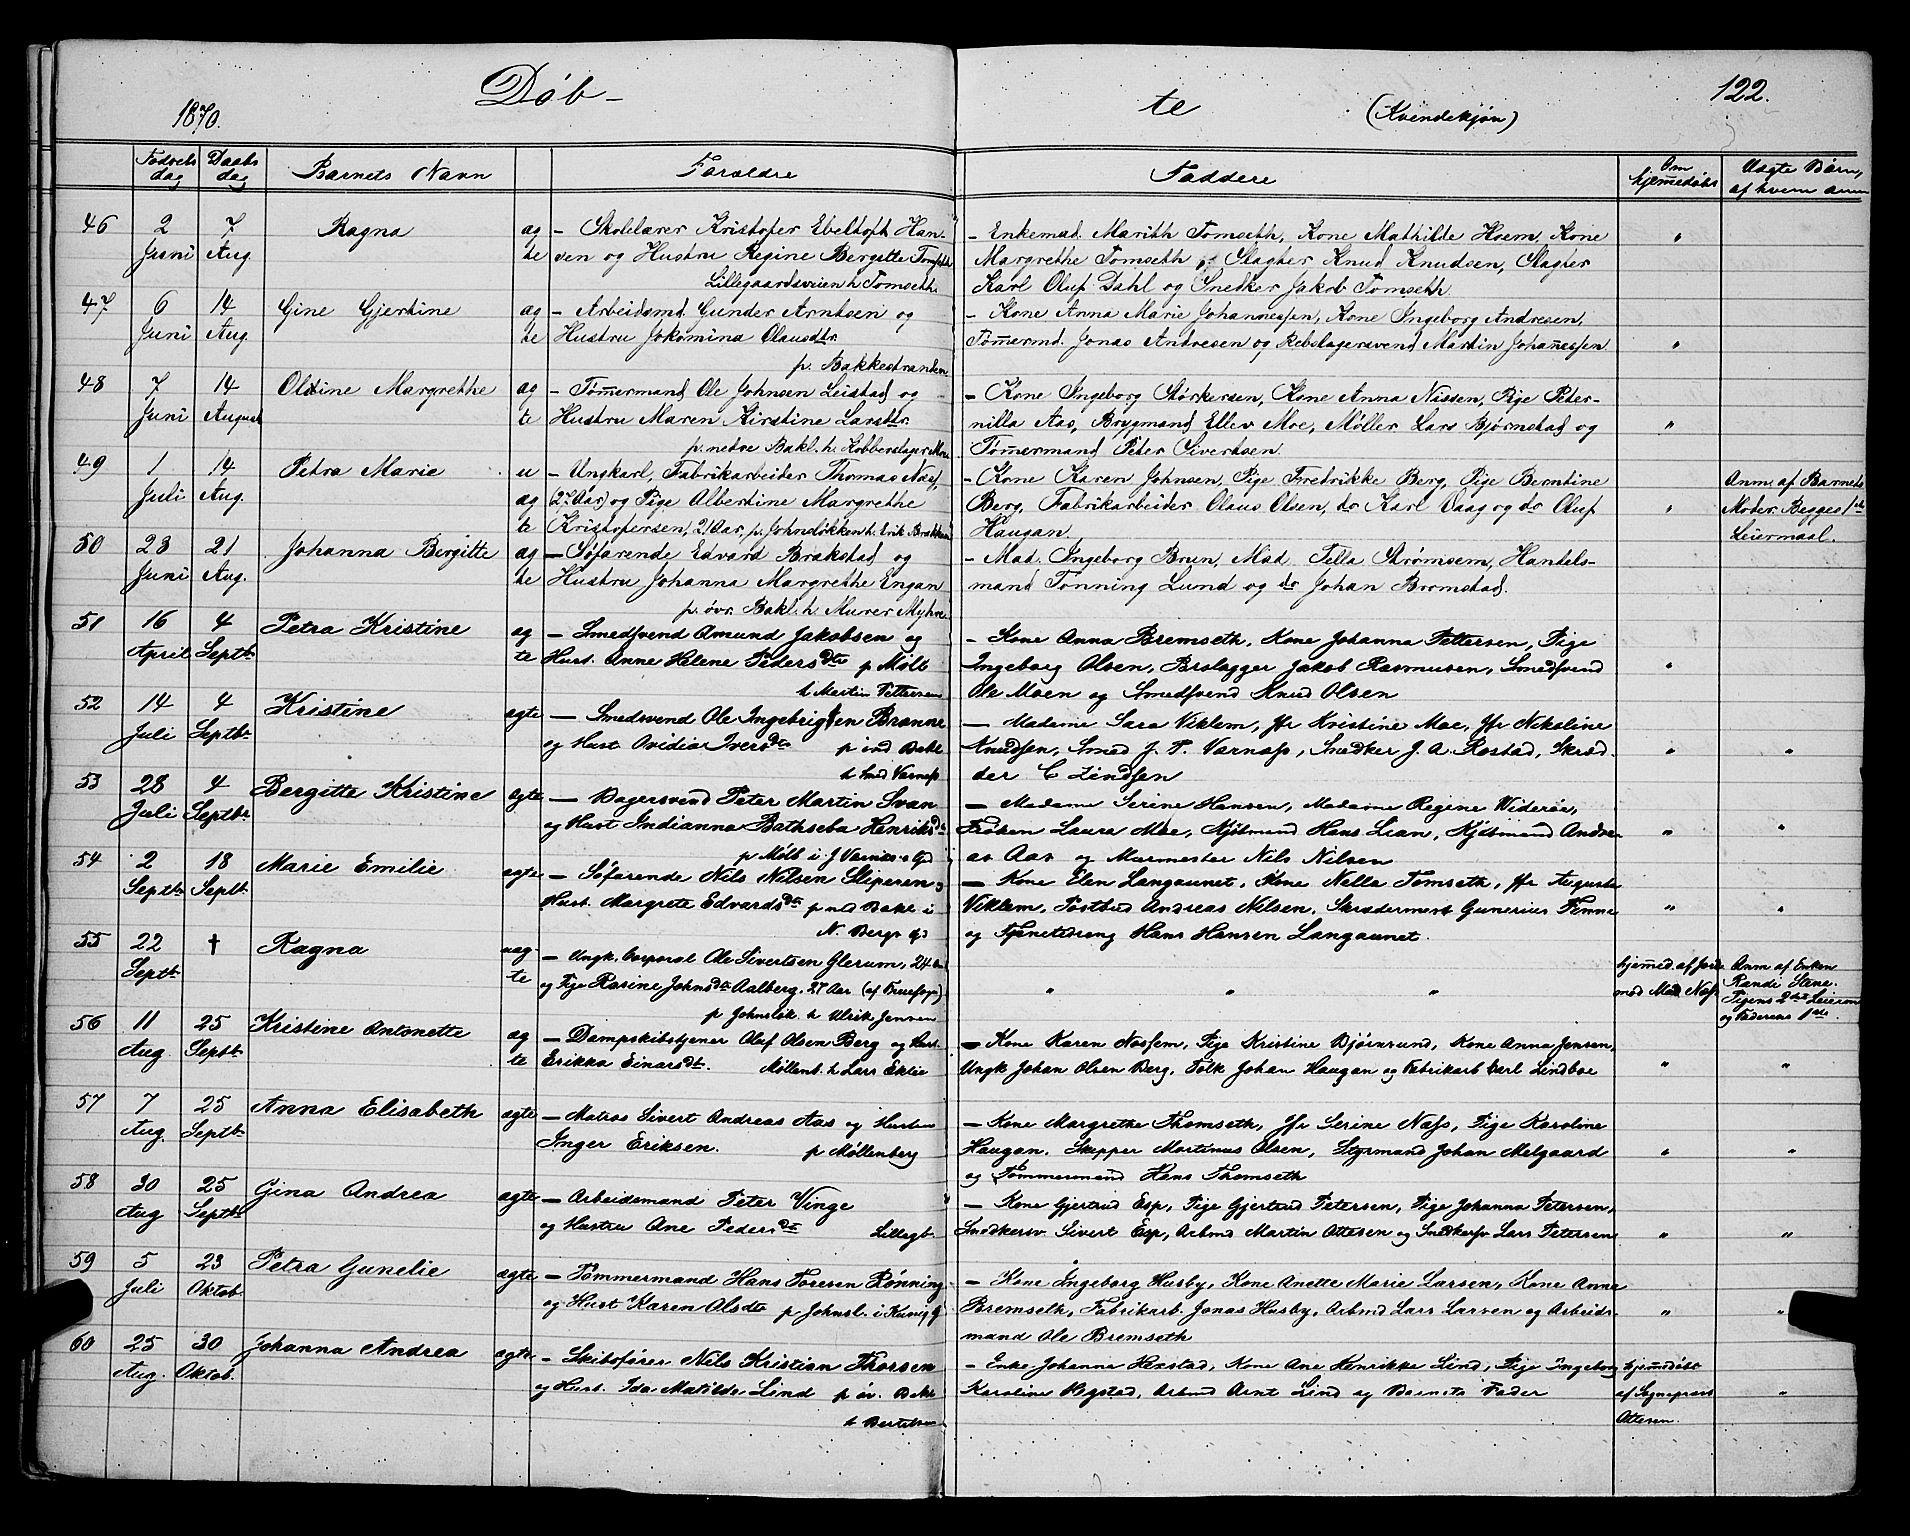 SAT, Ministerialprotokoller, klokkerbøker og fødselsregistre - Sør-Trøndelag, 604/L0220: Klokkerbok nr. 604C03, 1870-1885, s. 122